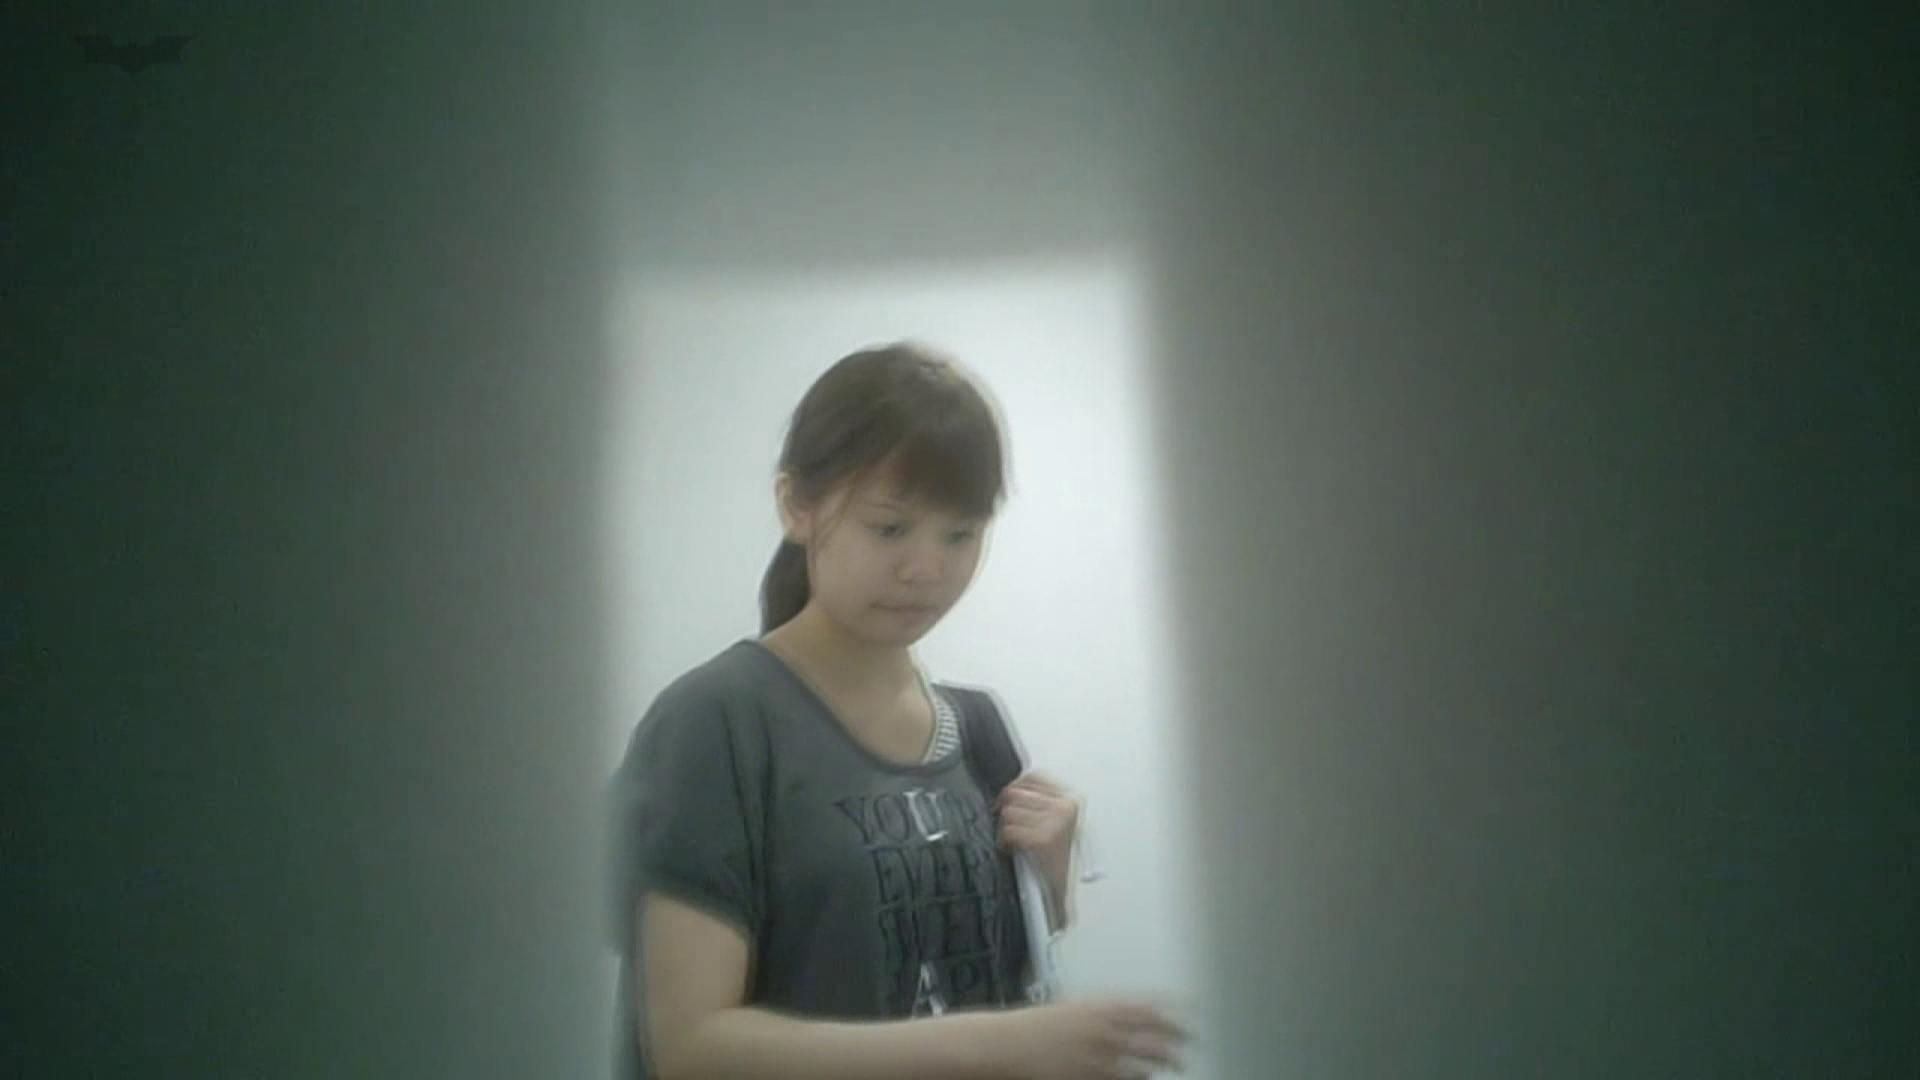 有名大学女性洗面所 vol.45 冴え渡る多方向撮影!職人技です。 潜入  98pic 39